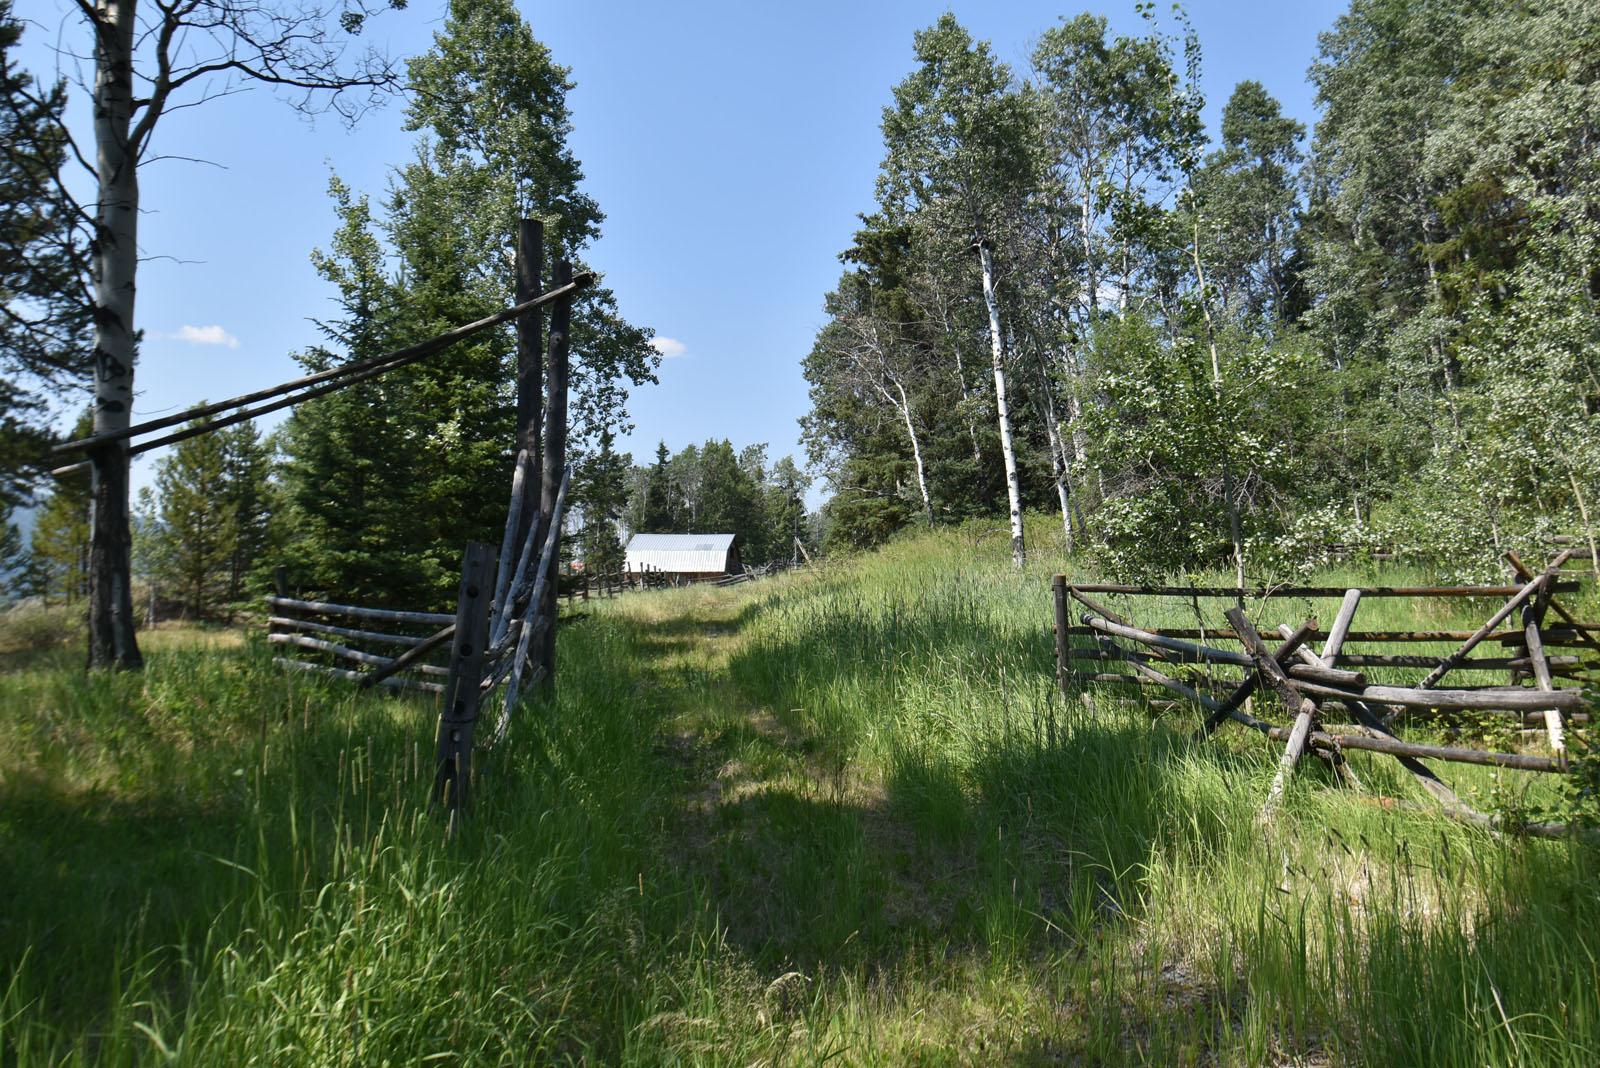 Nuit trails ranch 22